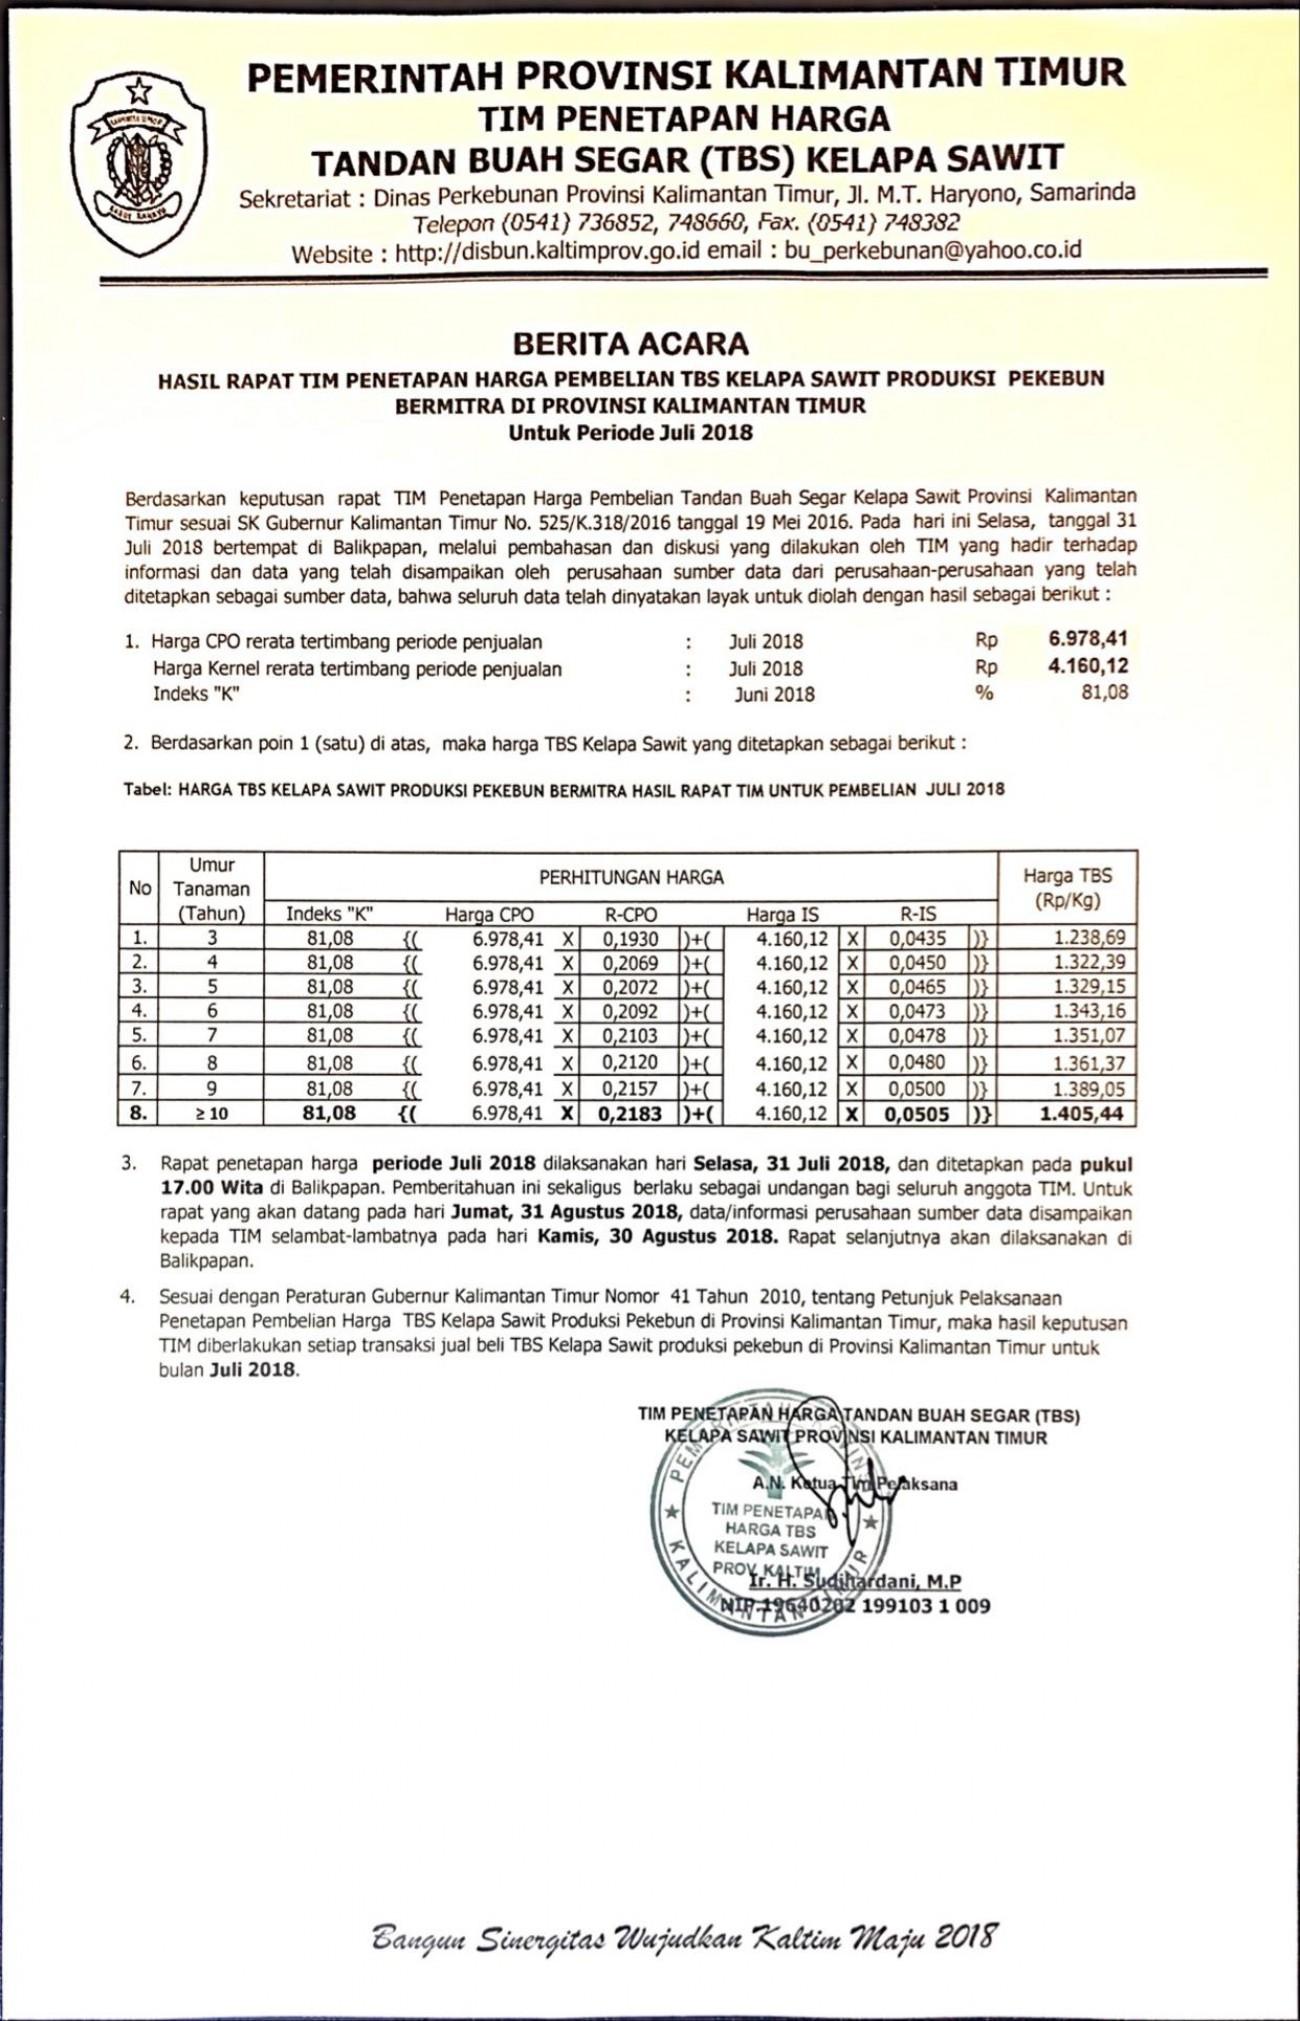 Informasi Harga TBS Kelapa Sawit Bulan Juli 2018